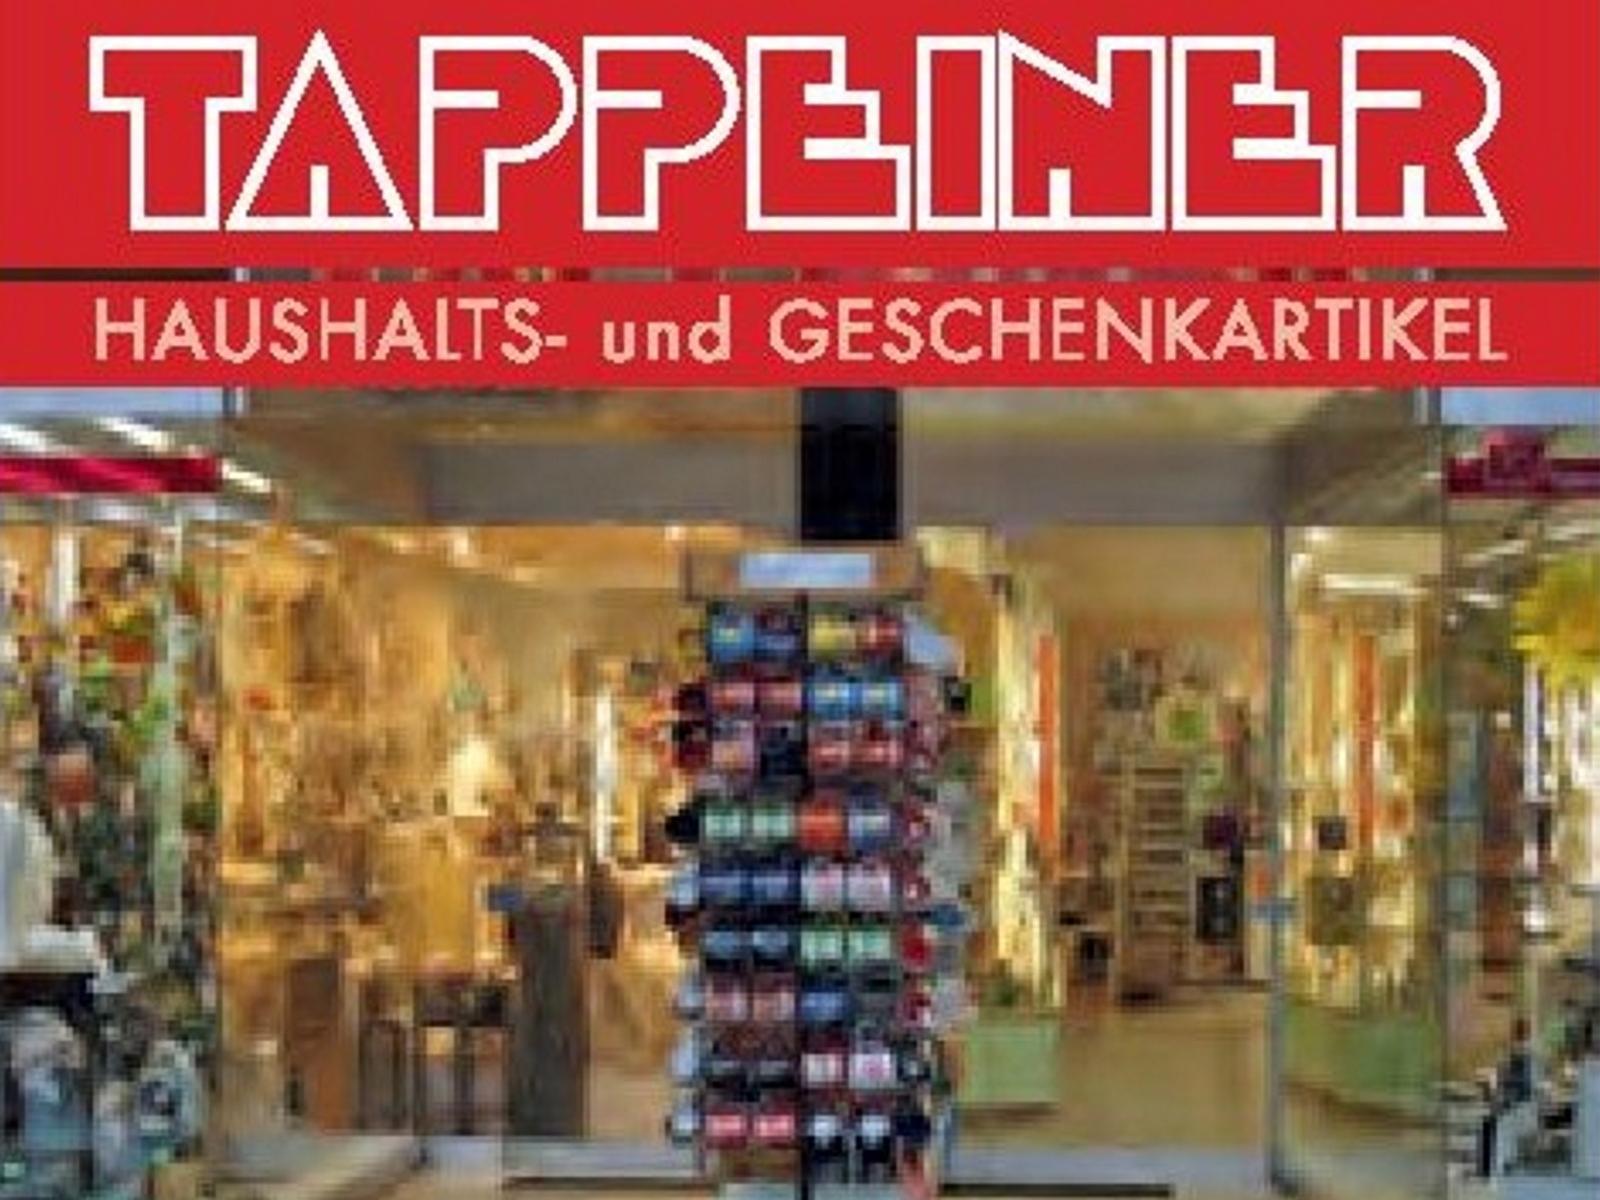 Haushalts- und Geschenkartikel Tappeiner Armin